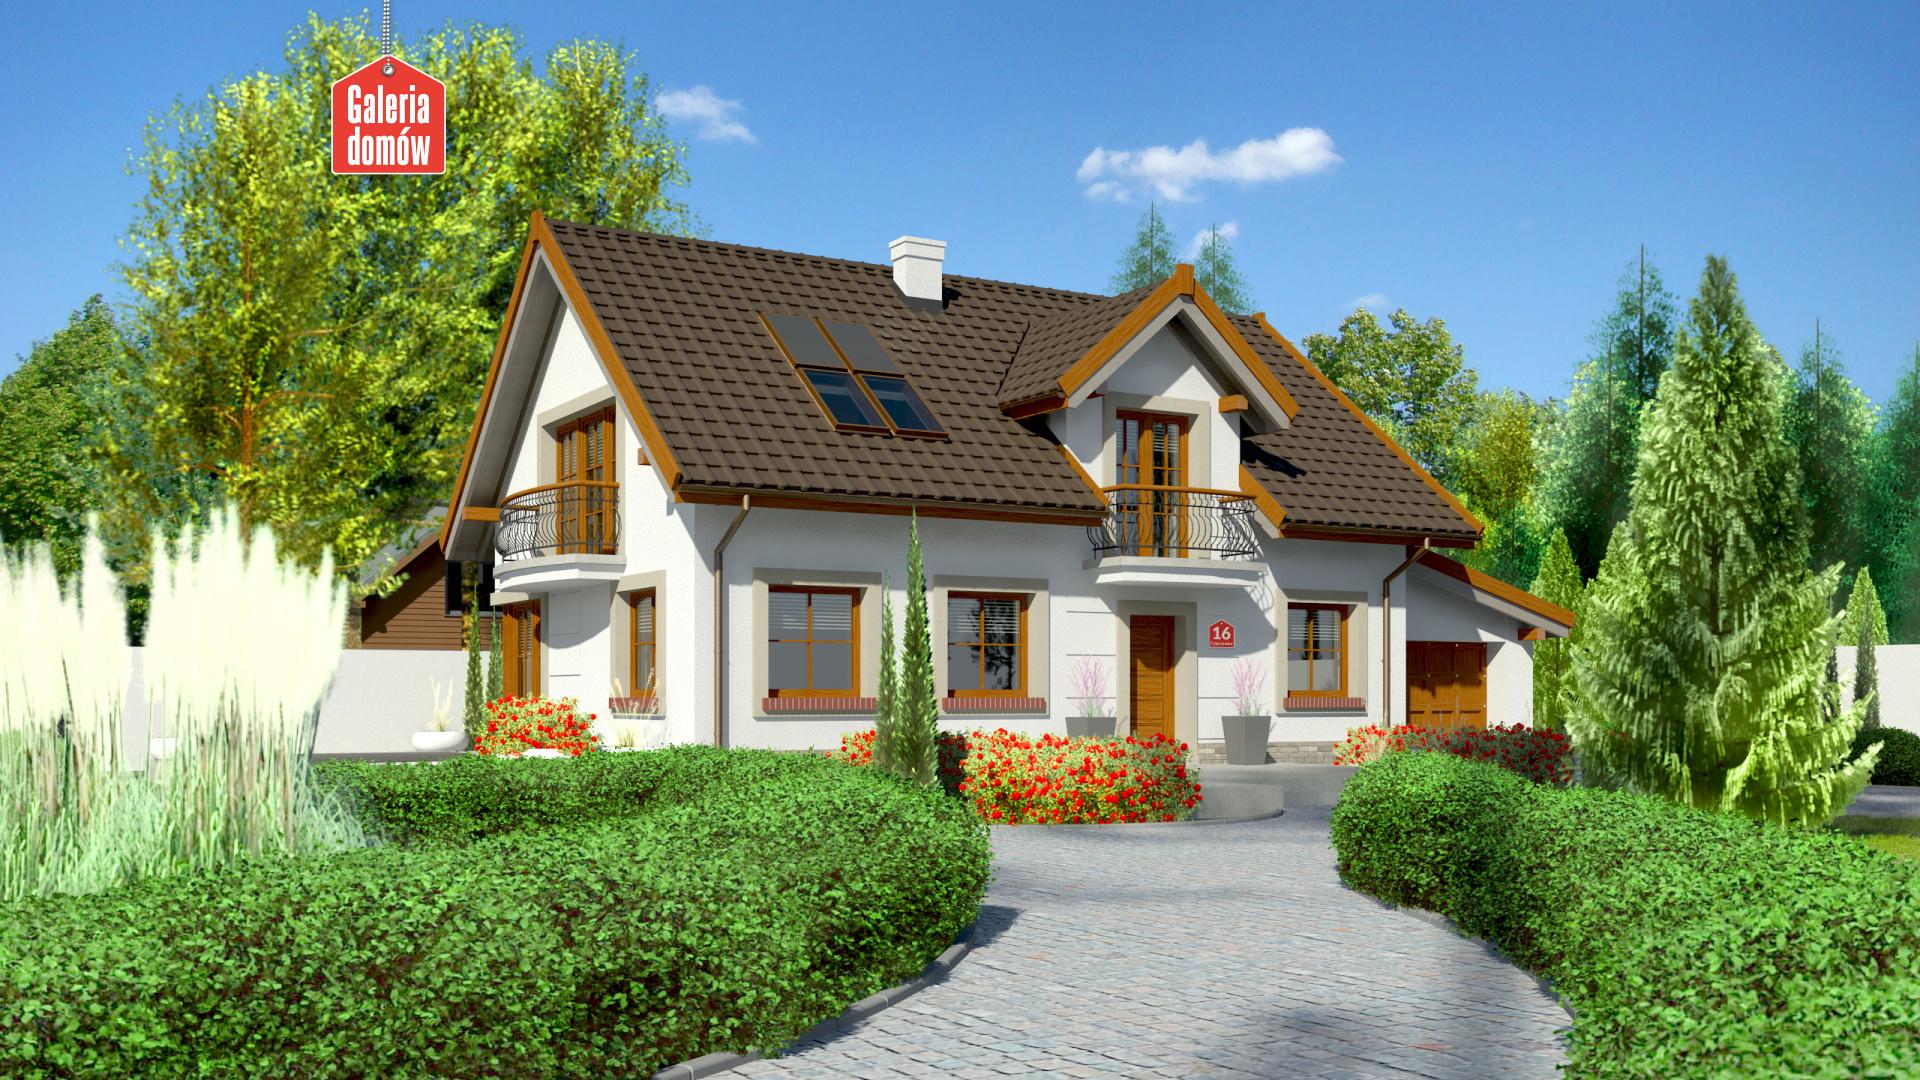 Dom przy Alabastrowej 16 - zdjęcie projektu i wizualizacja